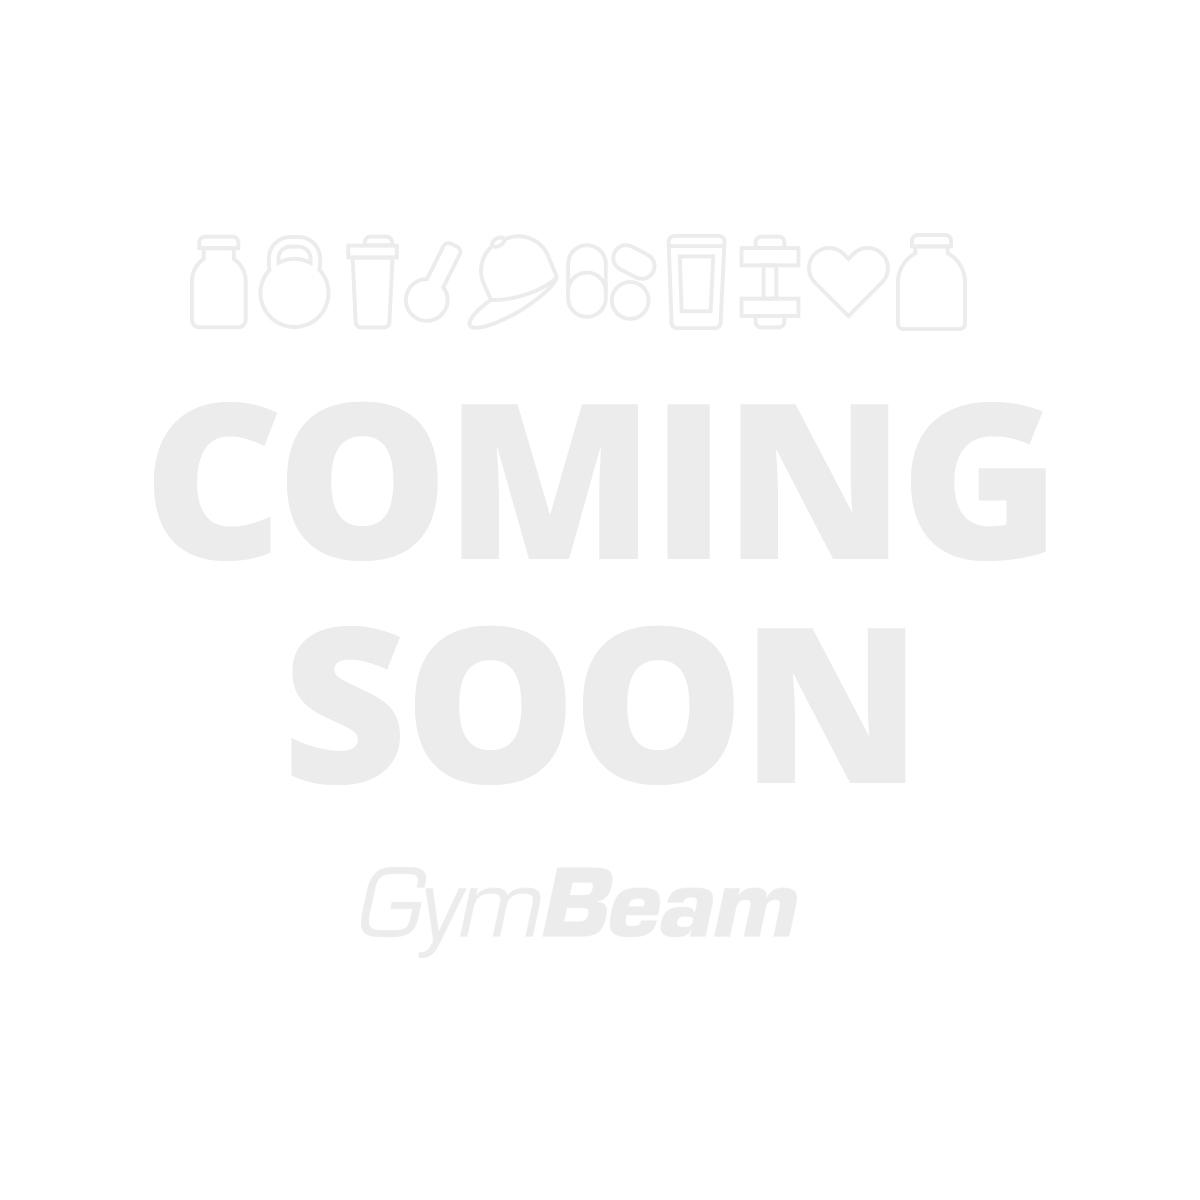 Kreatin Drive Black - Nutrex